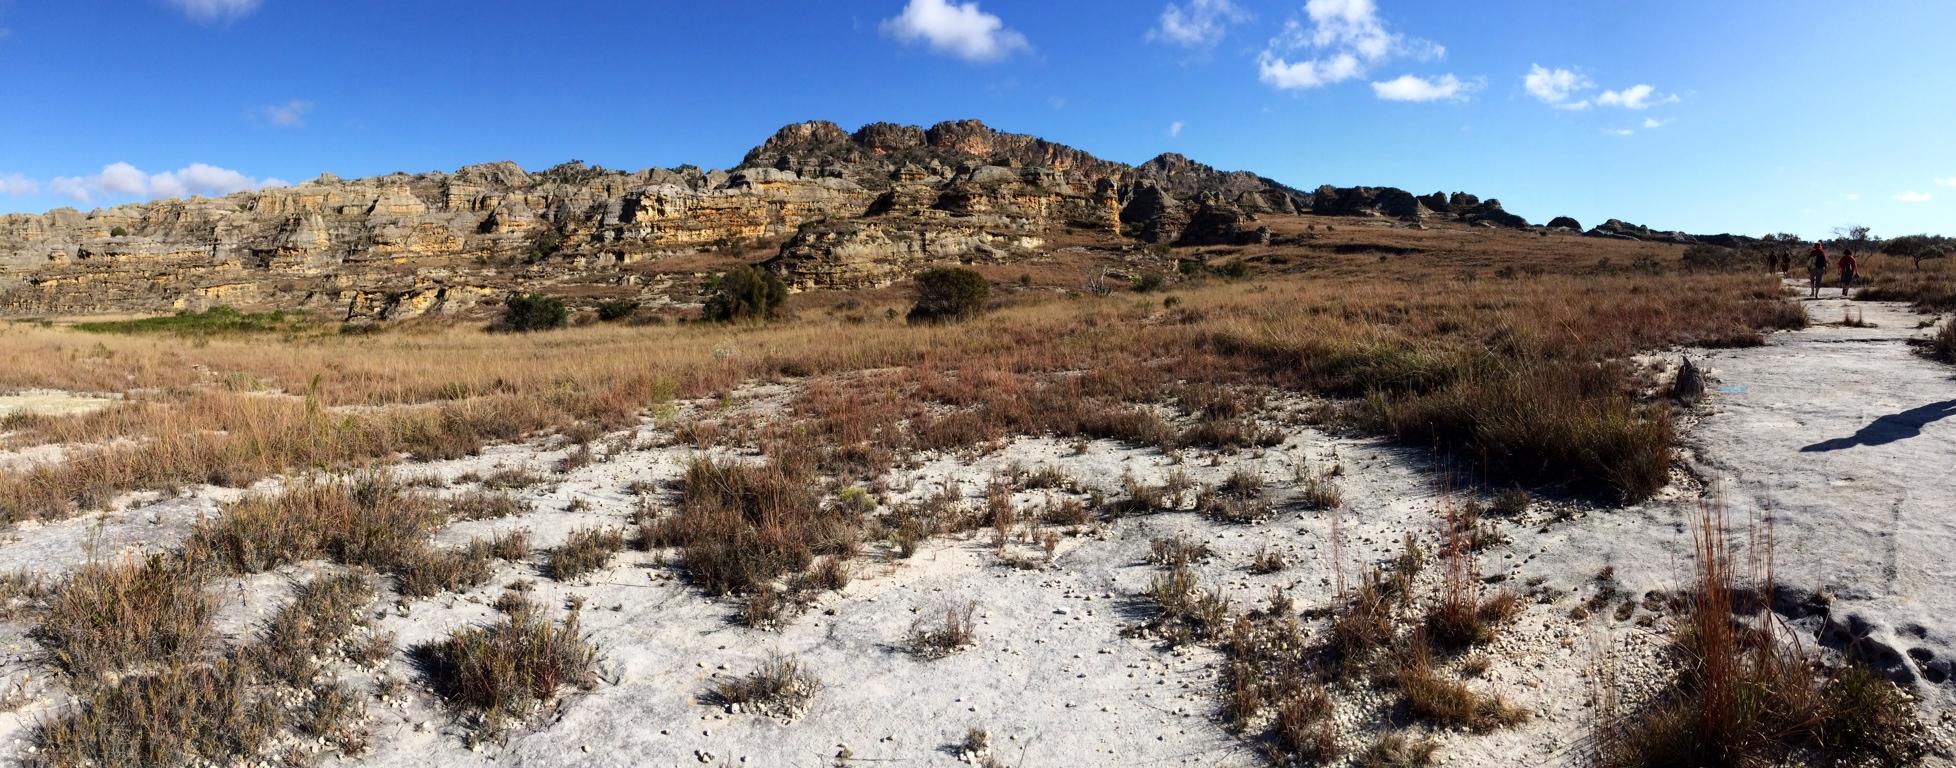 A turisták kedvelt célpontja az Isalo Nemzeti Park, amely híres különleges homokkő alakzatairól, mély kanyonjairól és pálmafás oázisairól (Fotó: Szabó Nóra)